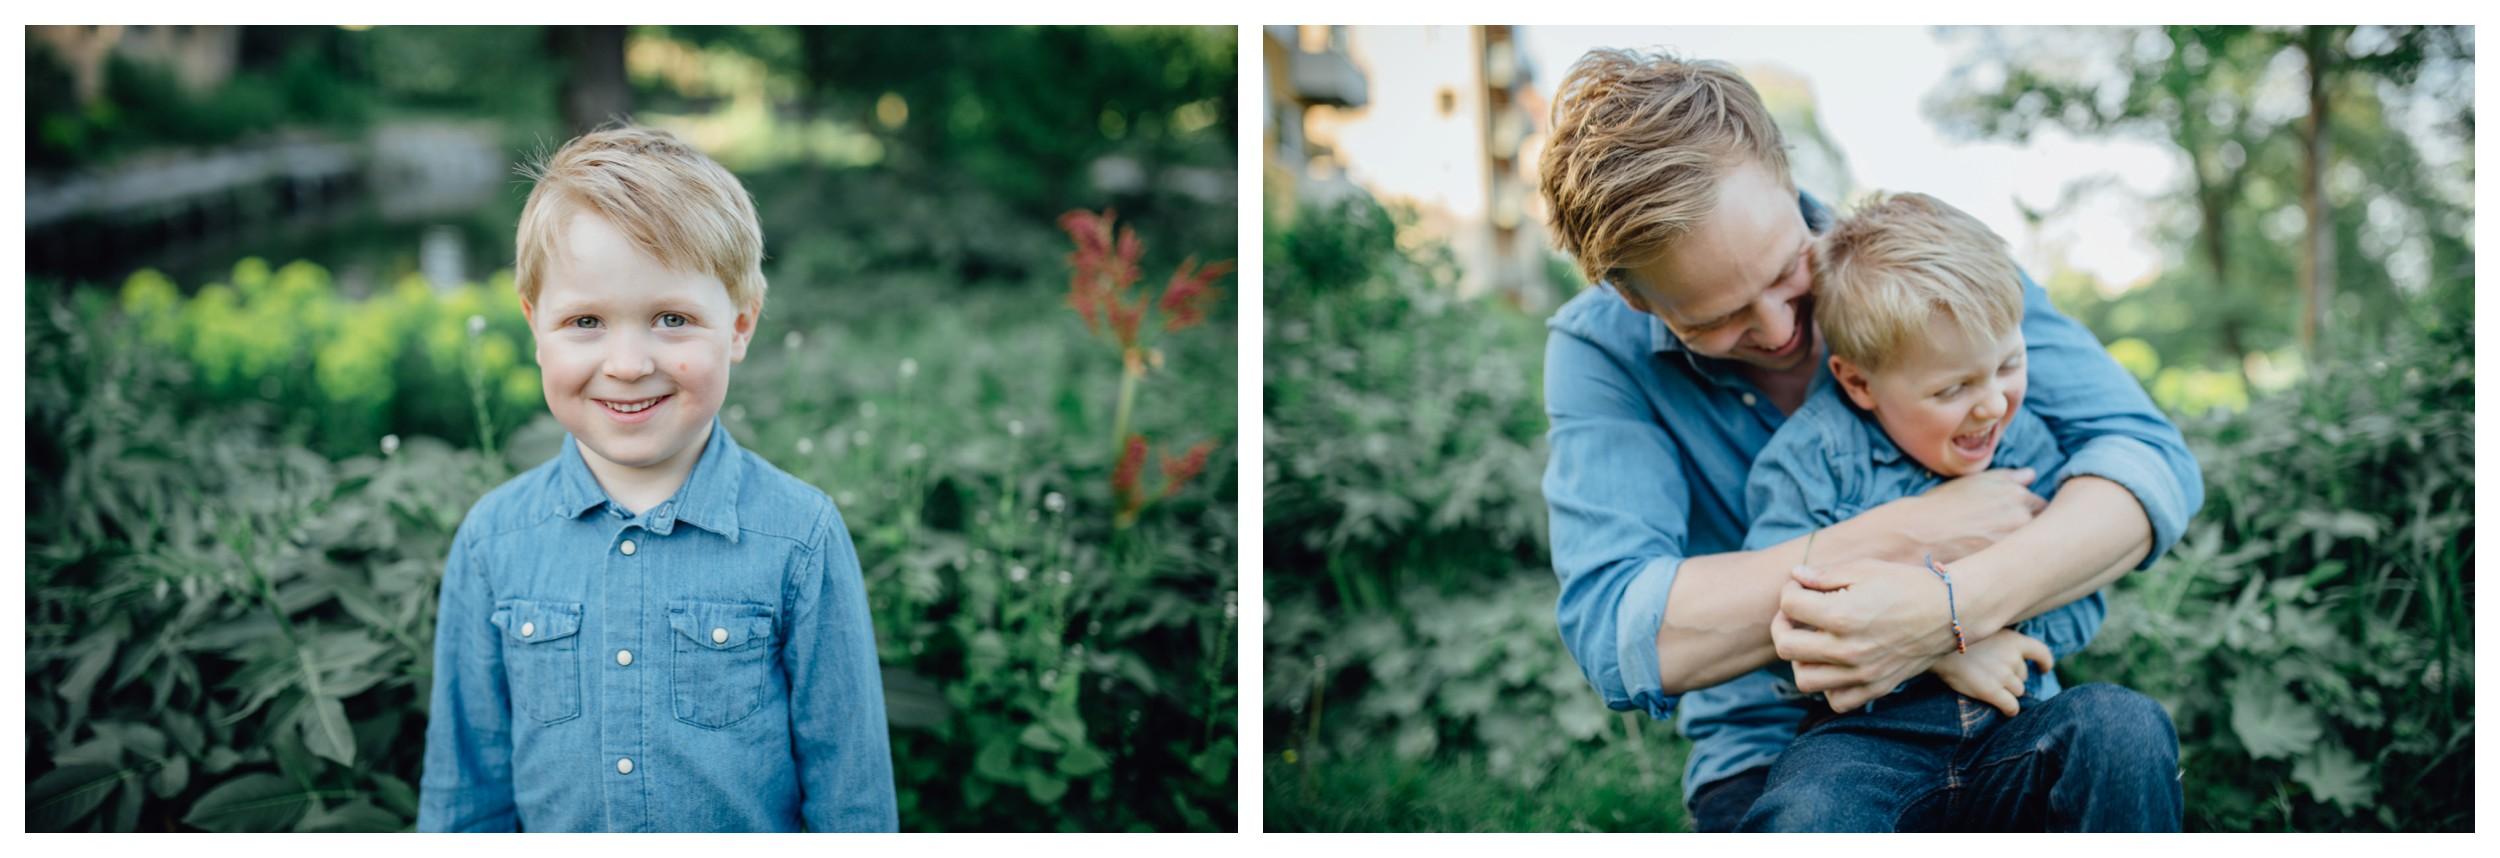 familjefotograf_stockholm_lindarehlin_familjefotografering_Basta familjefotografen